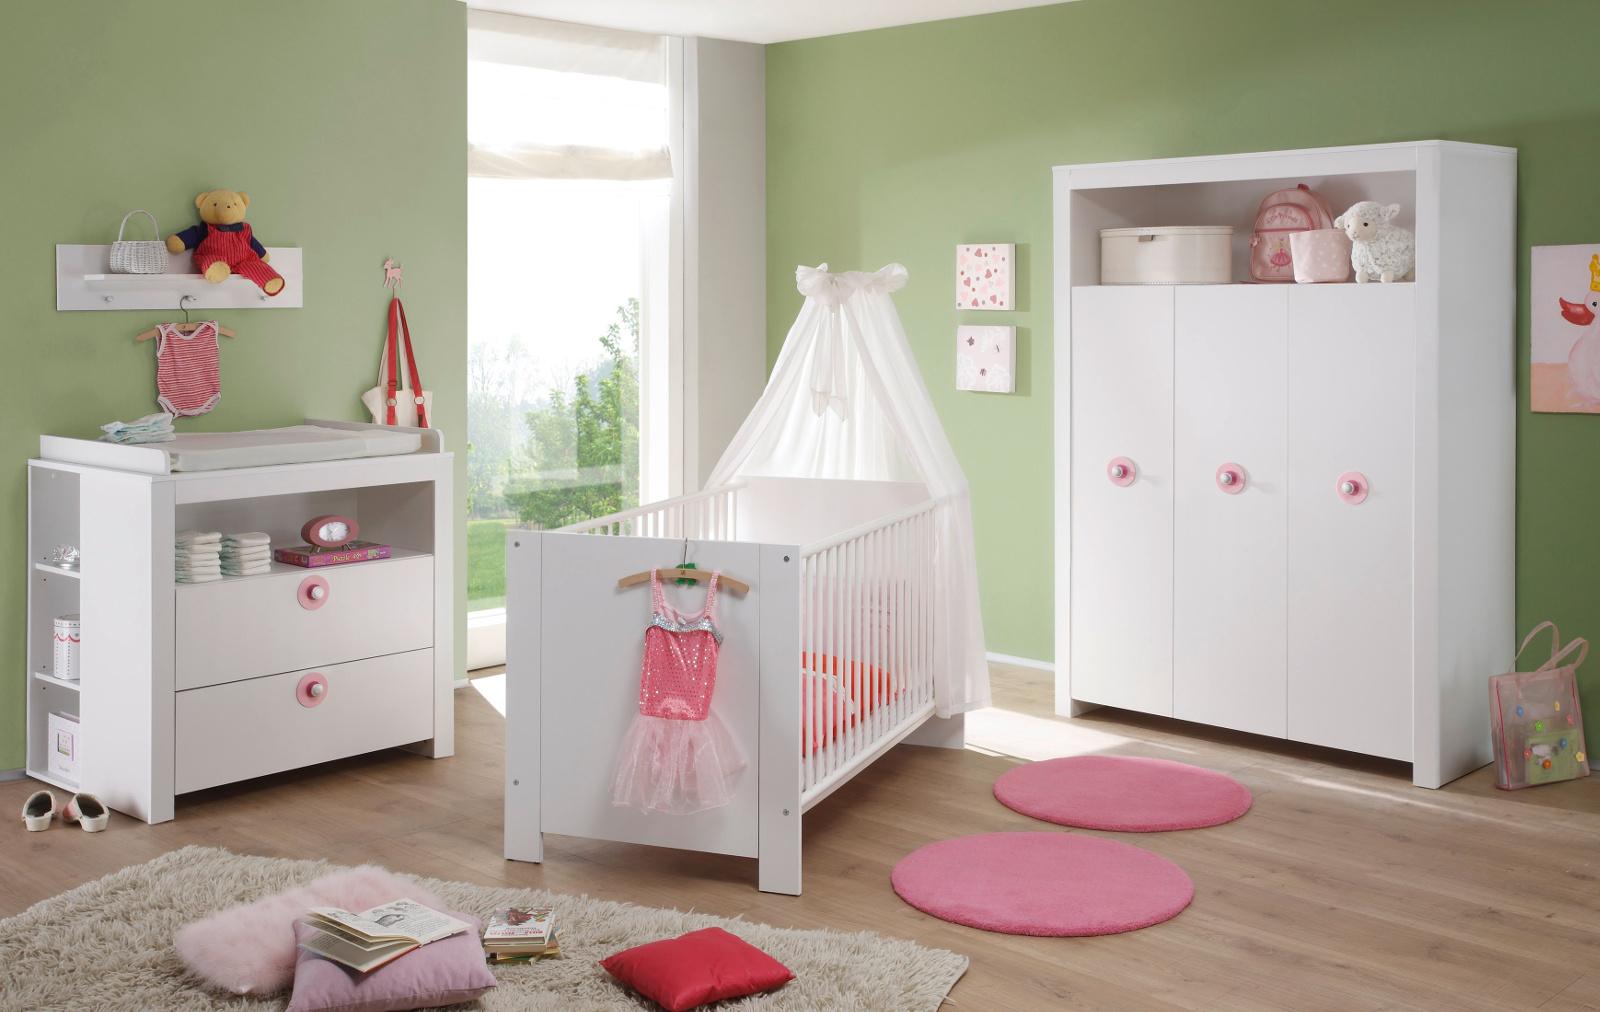 Full Size of Komplett Kinderzimmer Babyzimmer Olivia Wei Set 5 Teilig Badezimmer Schlafzimmer Weiß Komplettküche Günstige Sofa Komplettes Dusche Mit Lattenrost Und Kinderzimmer Komplett Kinderzimmer